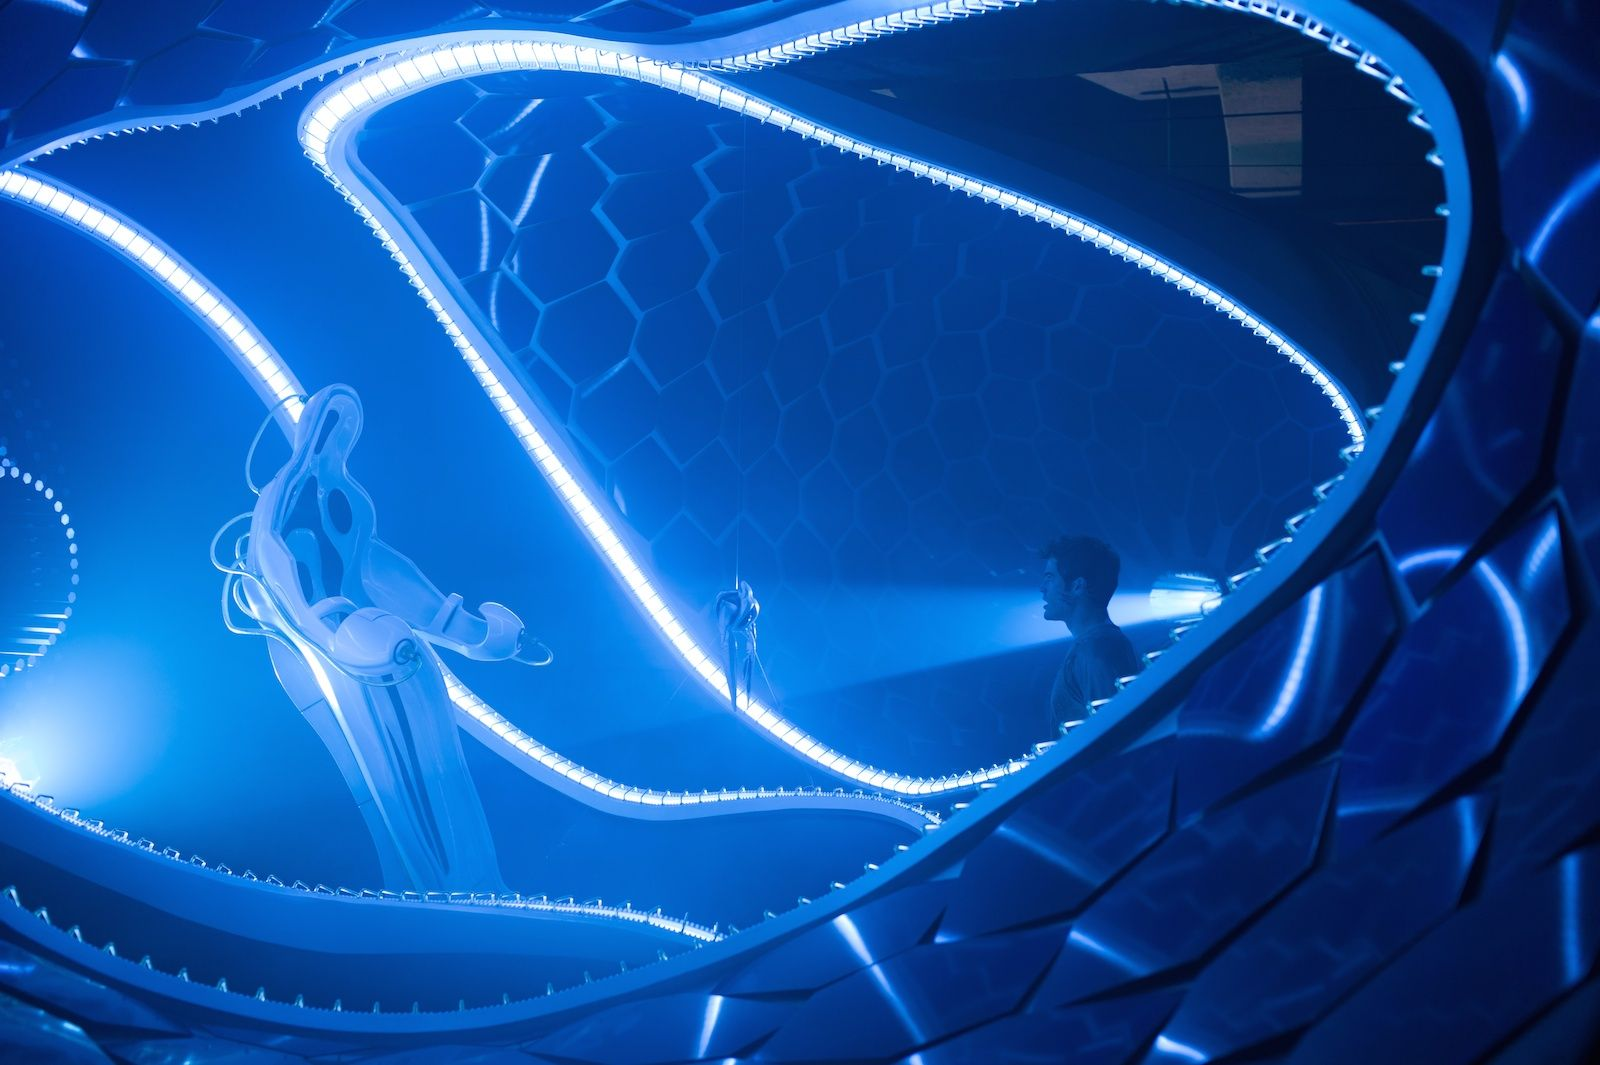 http://cdn.collider.com/wp-content/uploads/max-steel-winchell-blue.jpg